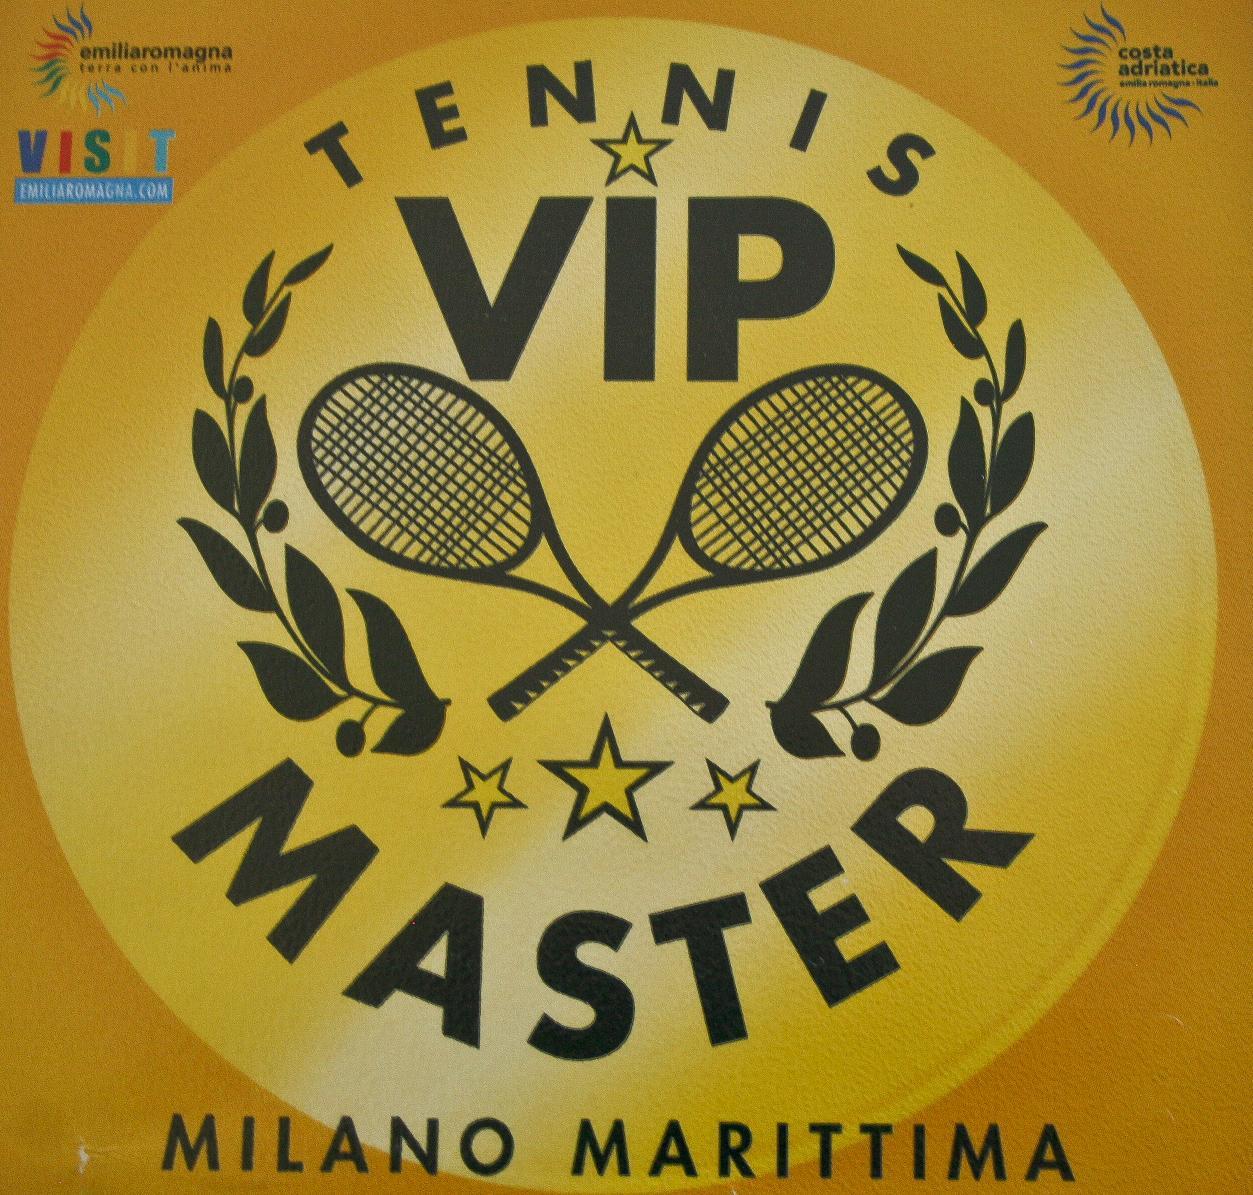 Evento VIP Master a Milano Marittima